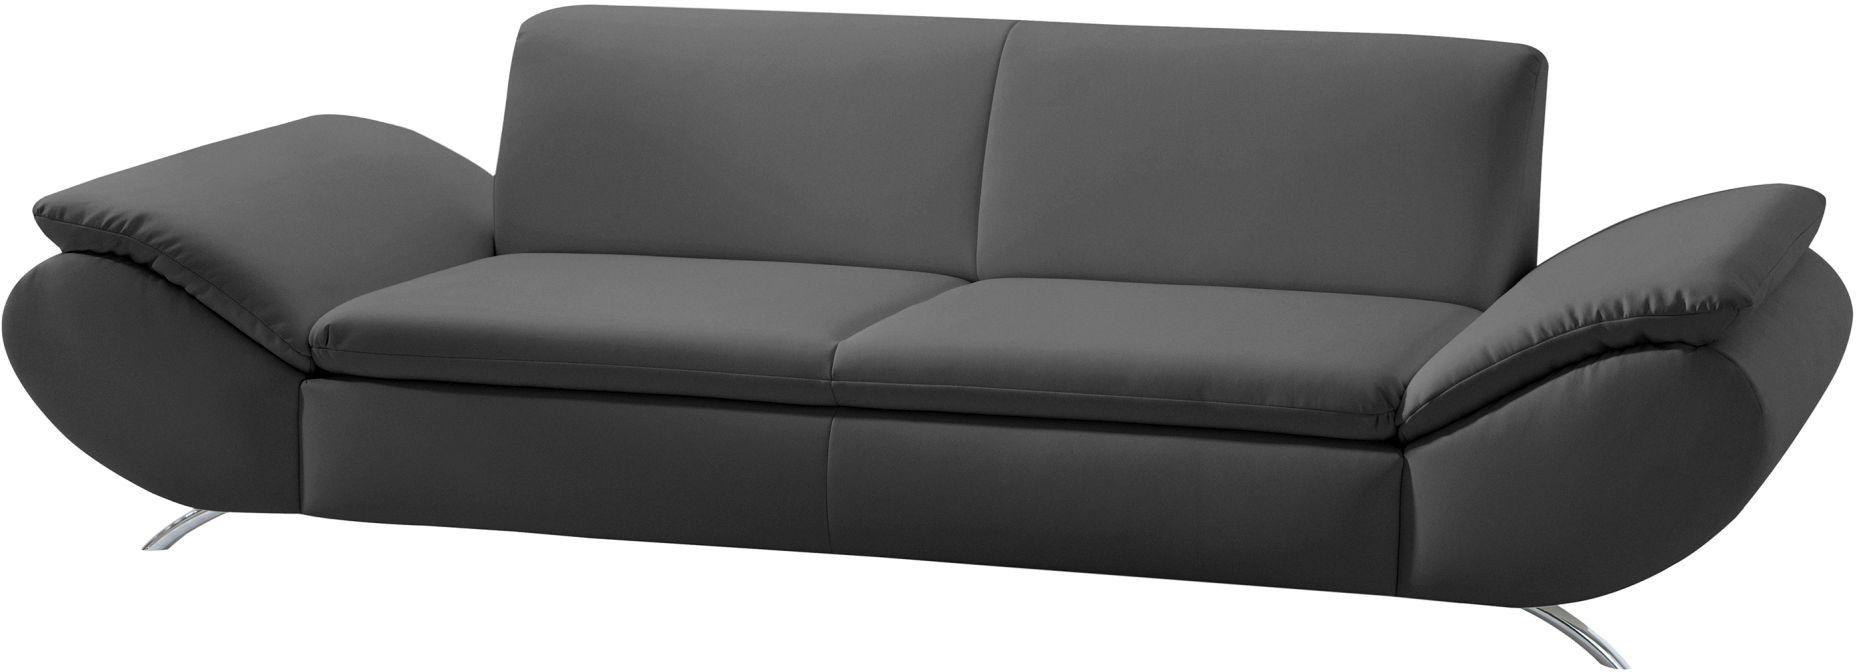 Sofa 2,5-Sitzer Marseille schwarz Max Winzer #loft #industrialstyle ...